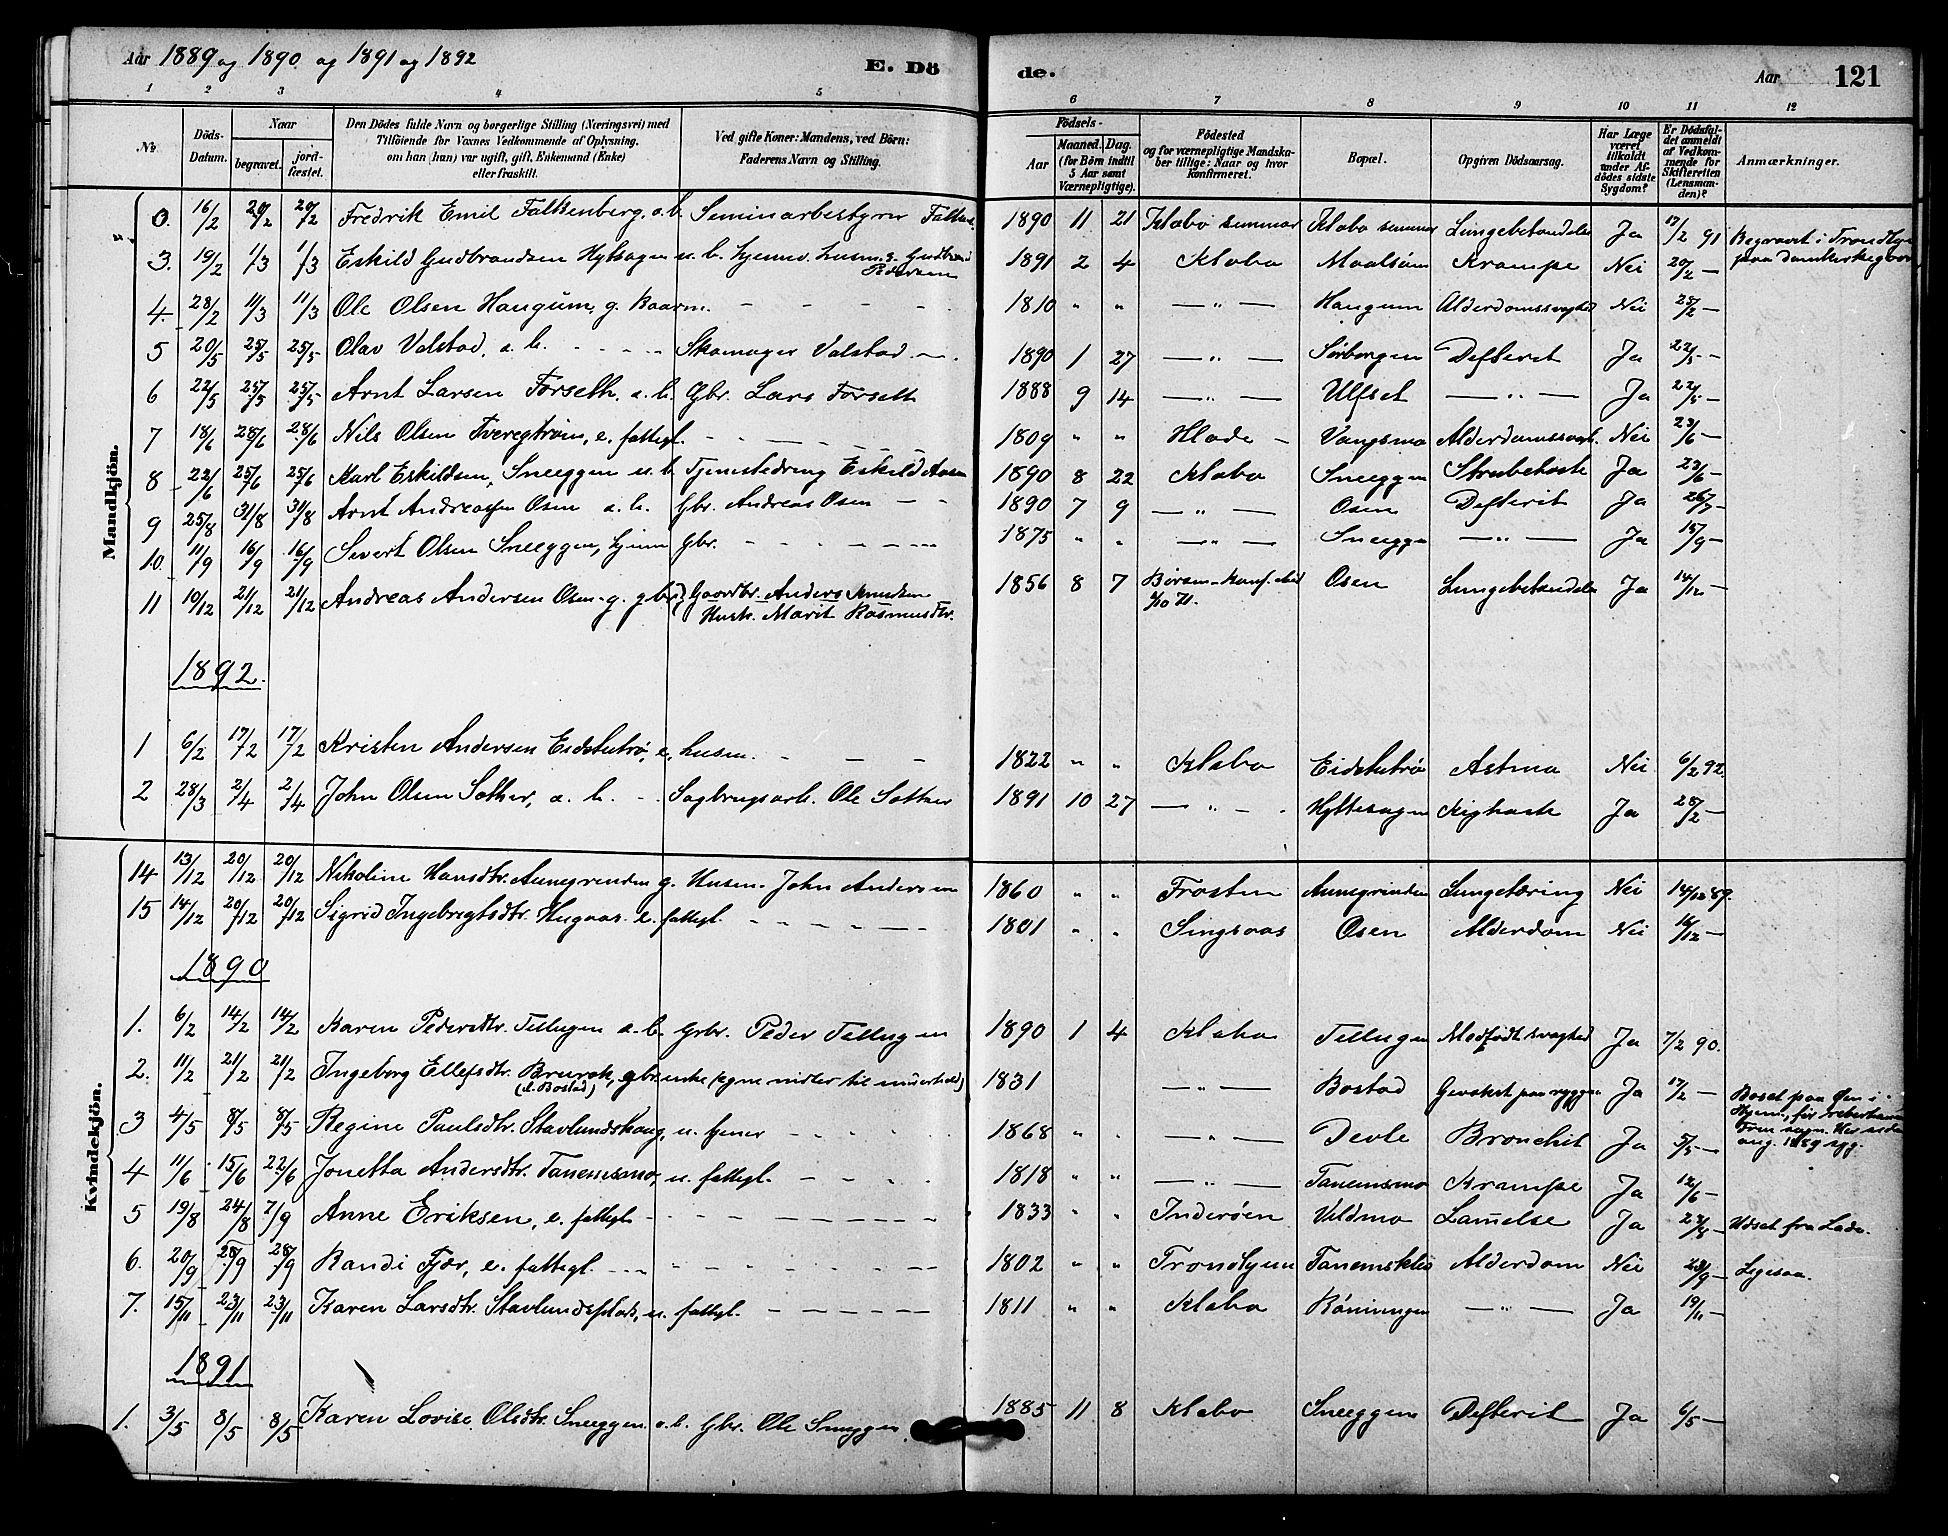 SAT, Ministerialprotokoller, klokkerbøker og fødselsregistre - Sør-Trøndelag, 618/L0444: Ministerialbok nr. 618A07, 1880-1898, s. 121